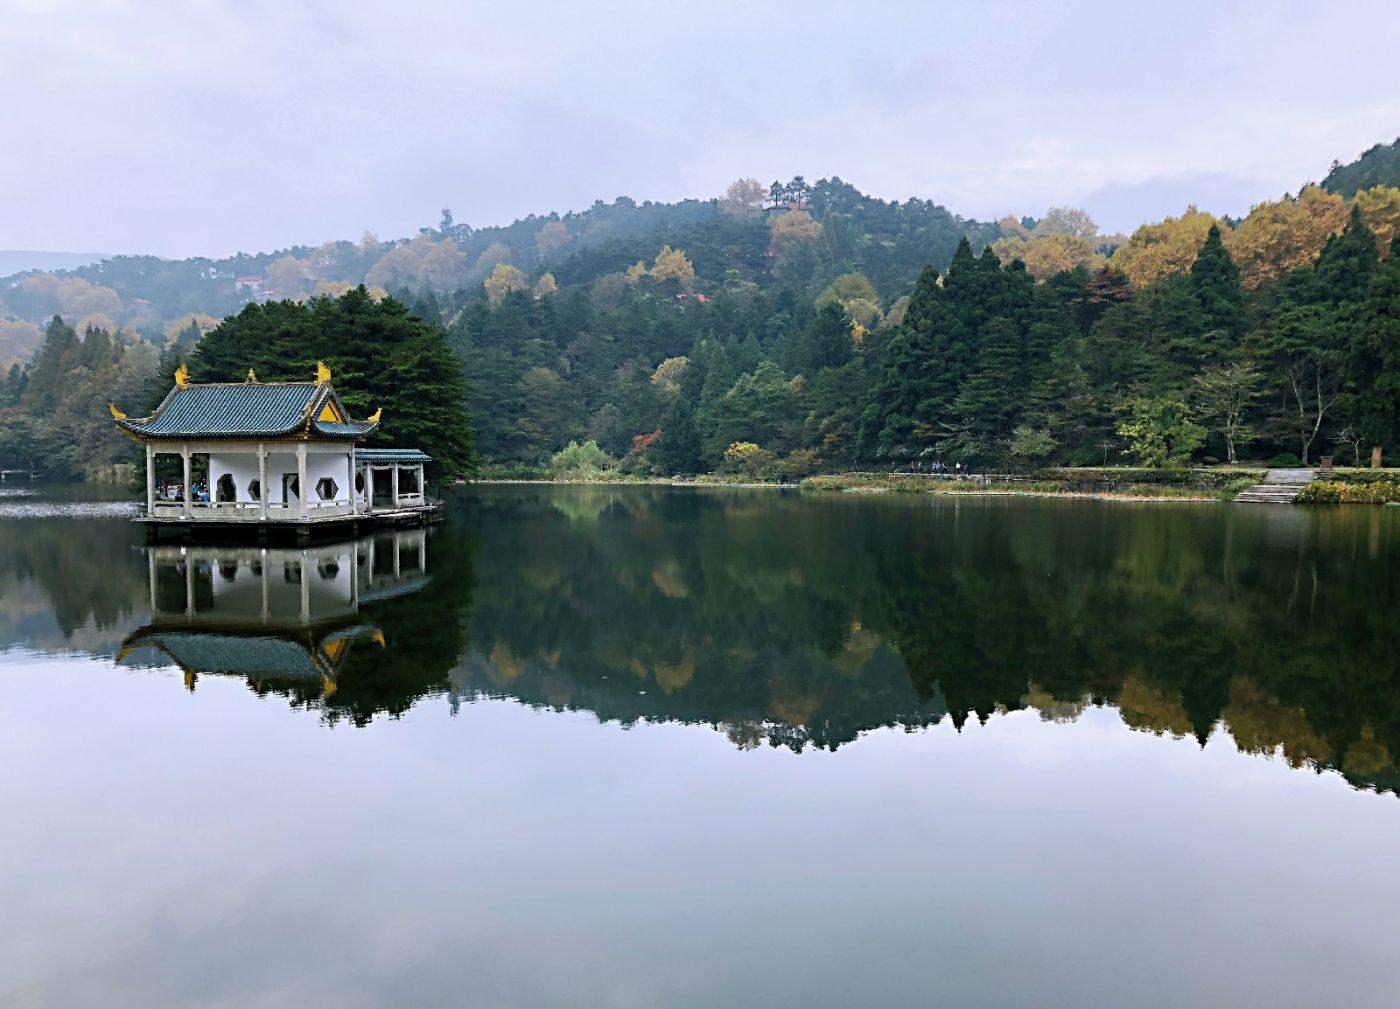 【田螺随拍】秋色庐山-手机版_图1-1